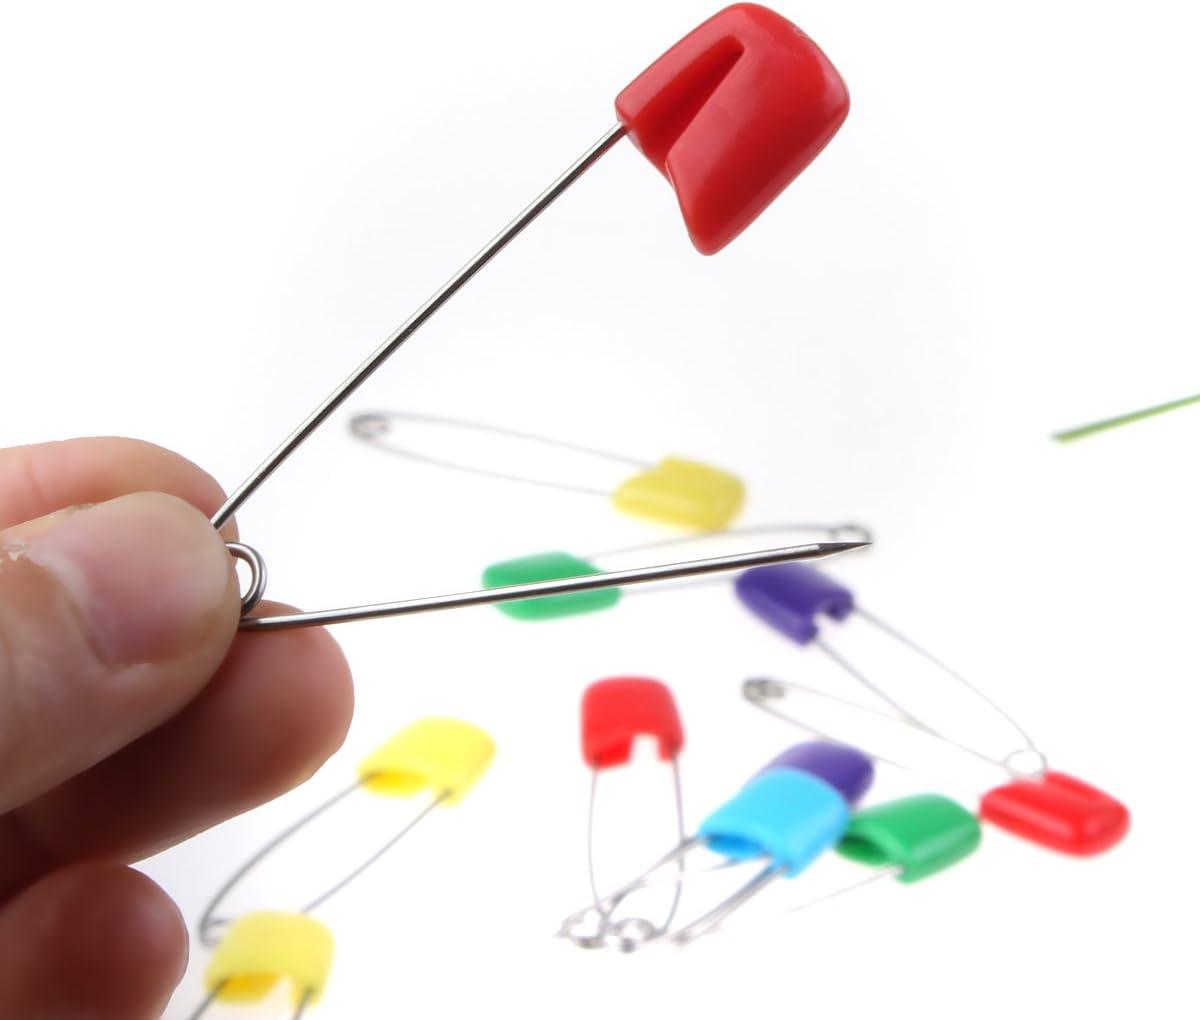 Fletion 20 pezzi misti colorato in acciaio INOX Baby Name tag Bead ago pins Boutonniere pins Pretty spille spille di sicurezza sartoria pins for Art fai da te accessori per la decorazione